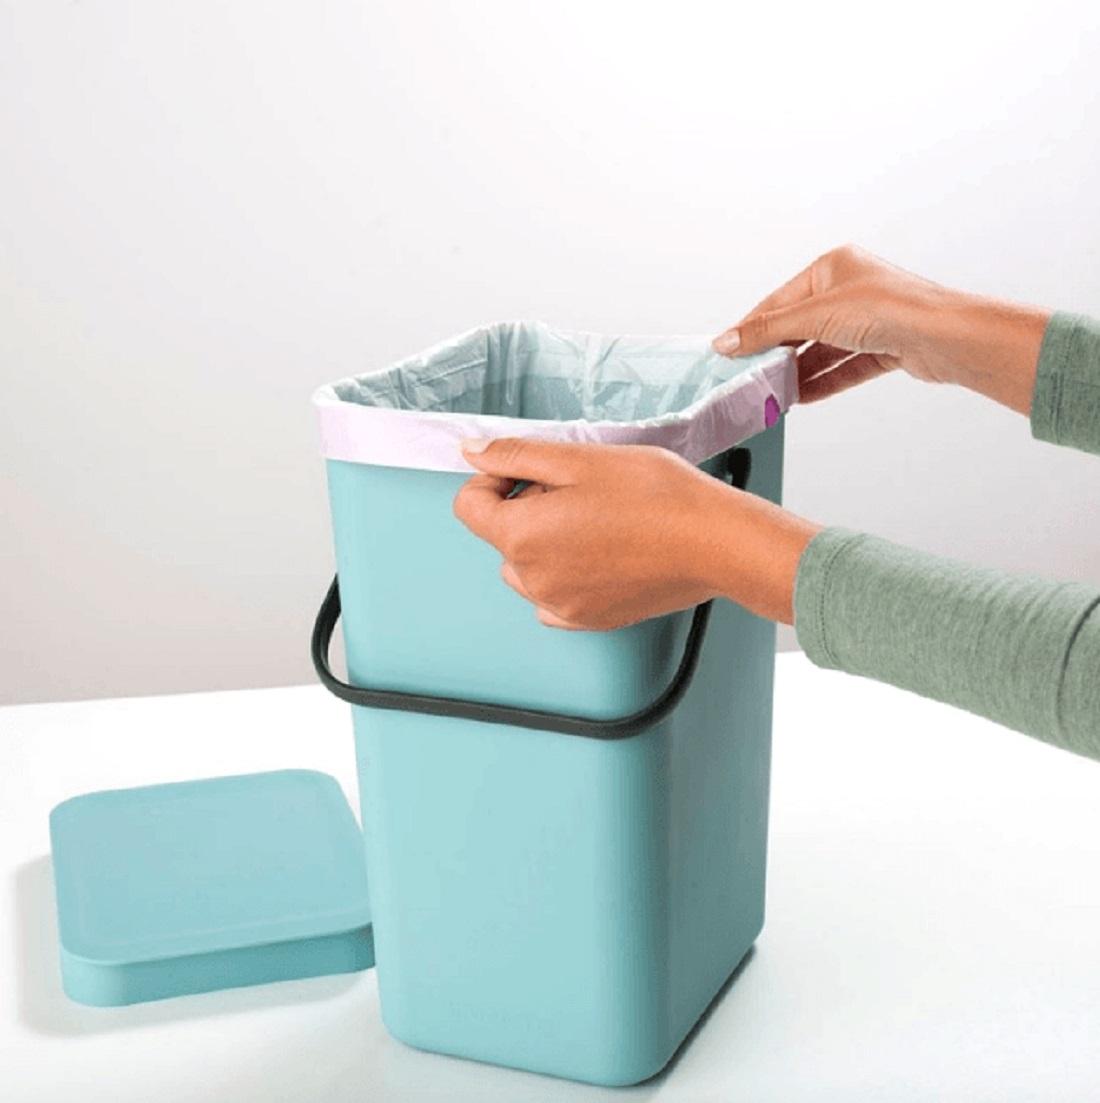 Ведро для мусора Sort&Go Brabantia, объем 12 л, мятный Brabantia 109744 фото 5